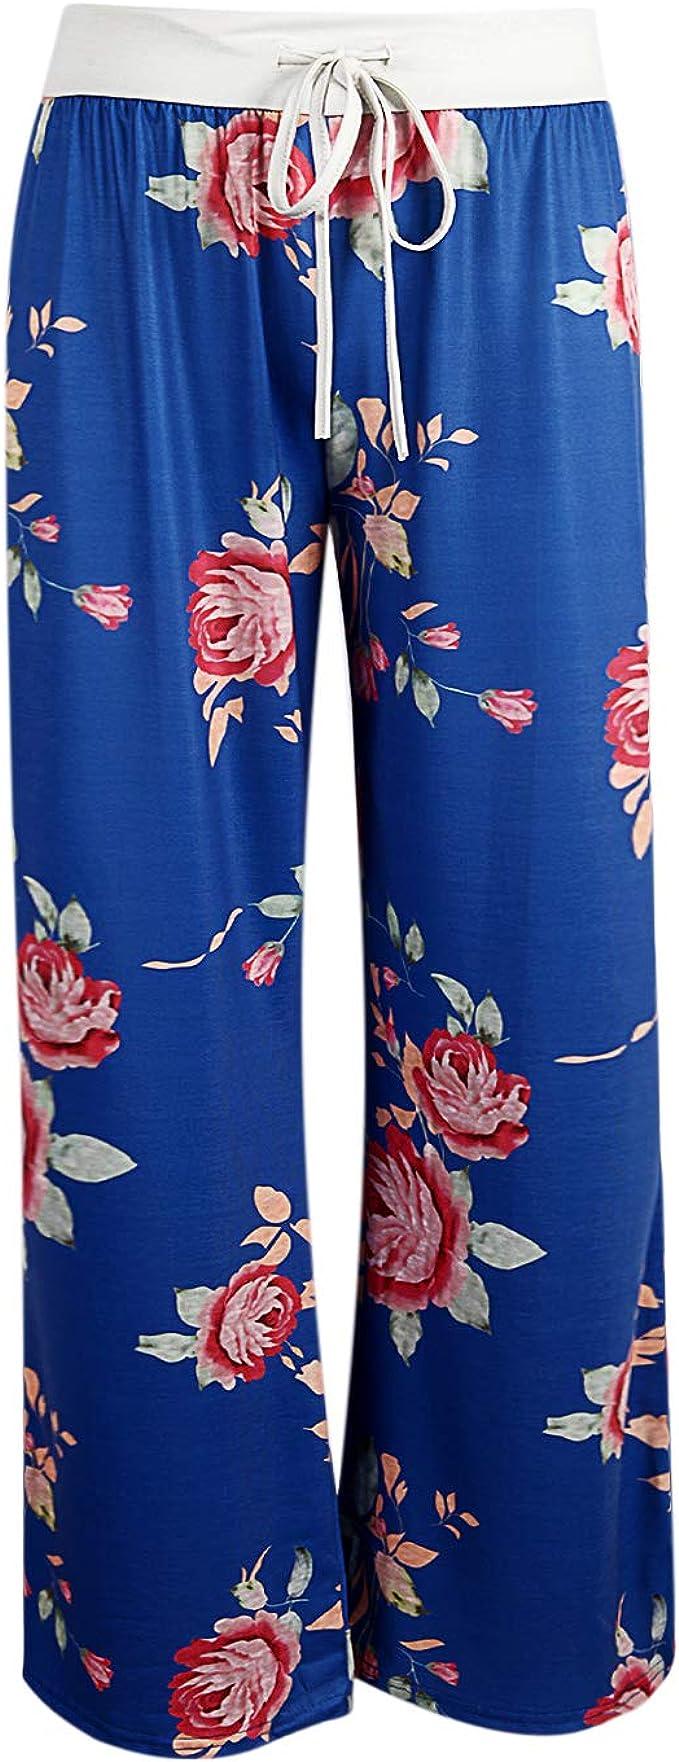 LAEMILIA/Damen Palazzo Blumen Lange Pumphose Sommer Schlafanzughose High Waist Breites Bein Locker Pluderhose